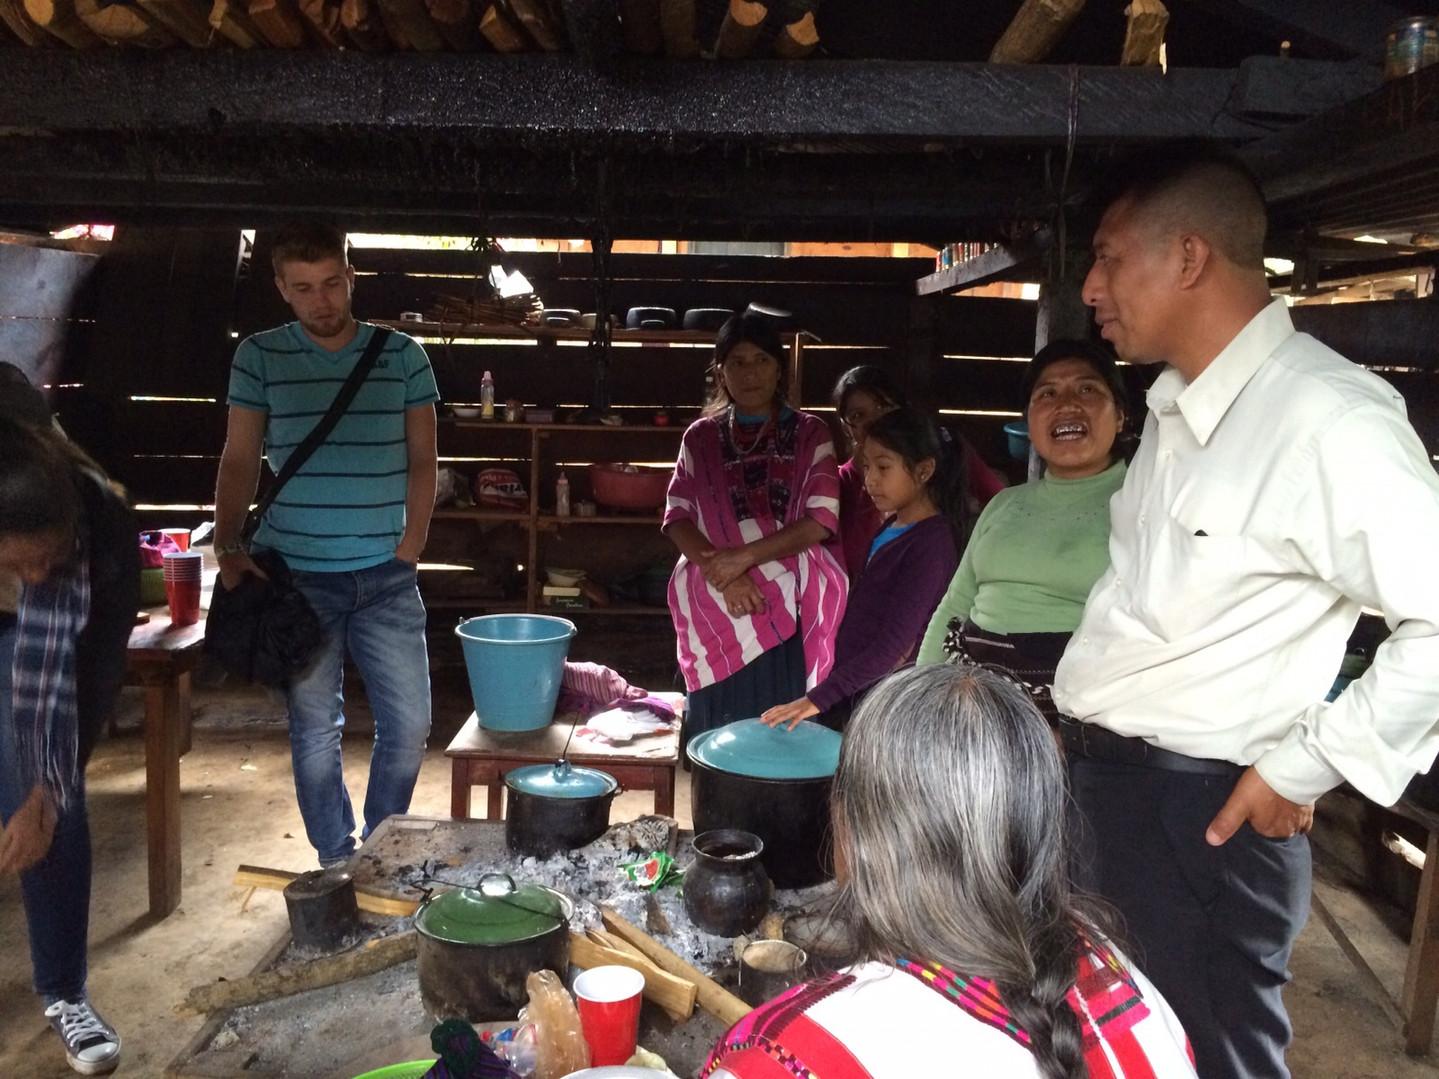 haciendo tortillas en la comunidad